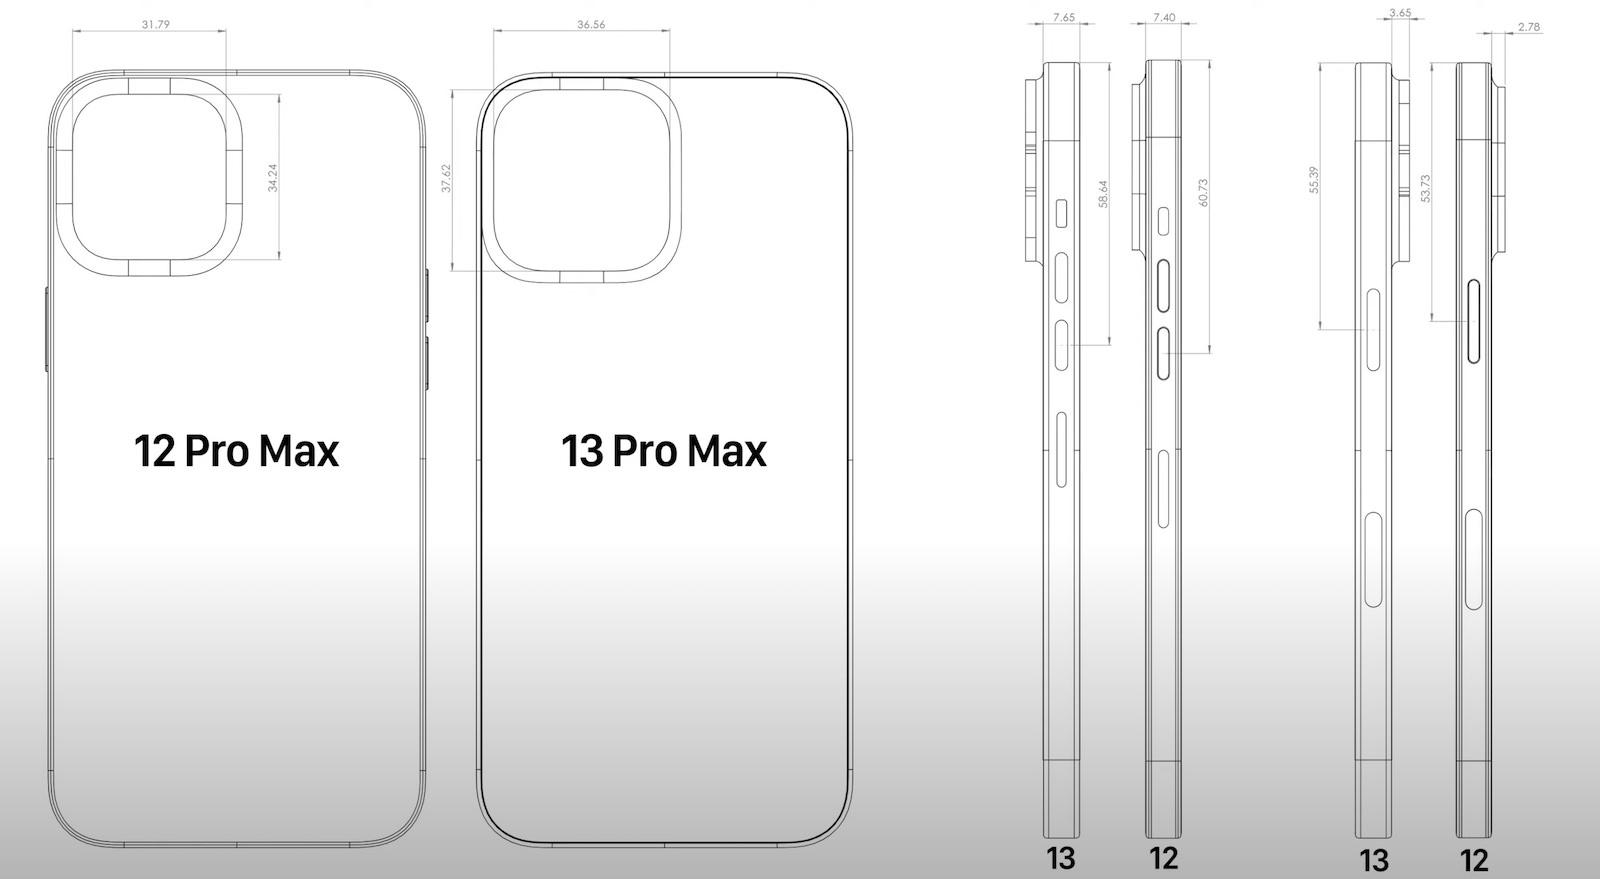 Iphone 13 pro max vs 12 pro max comparison